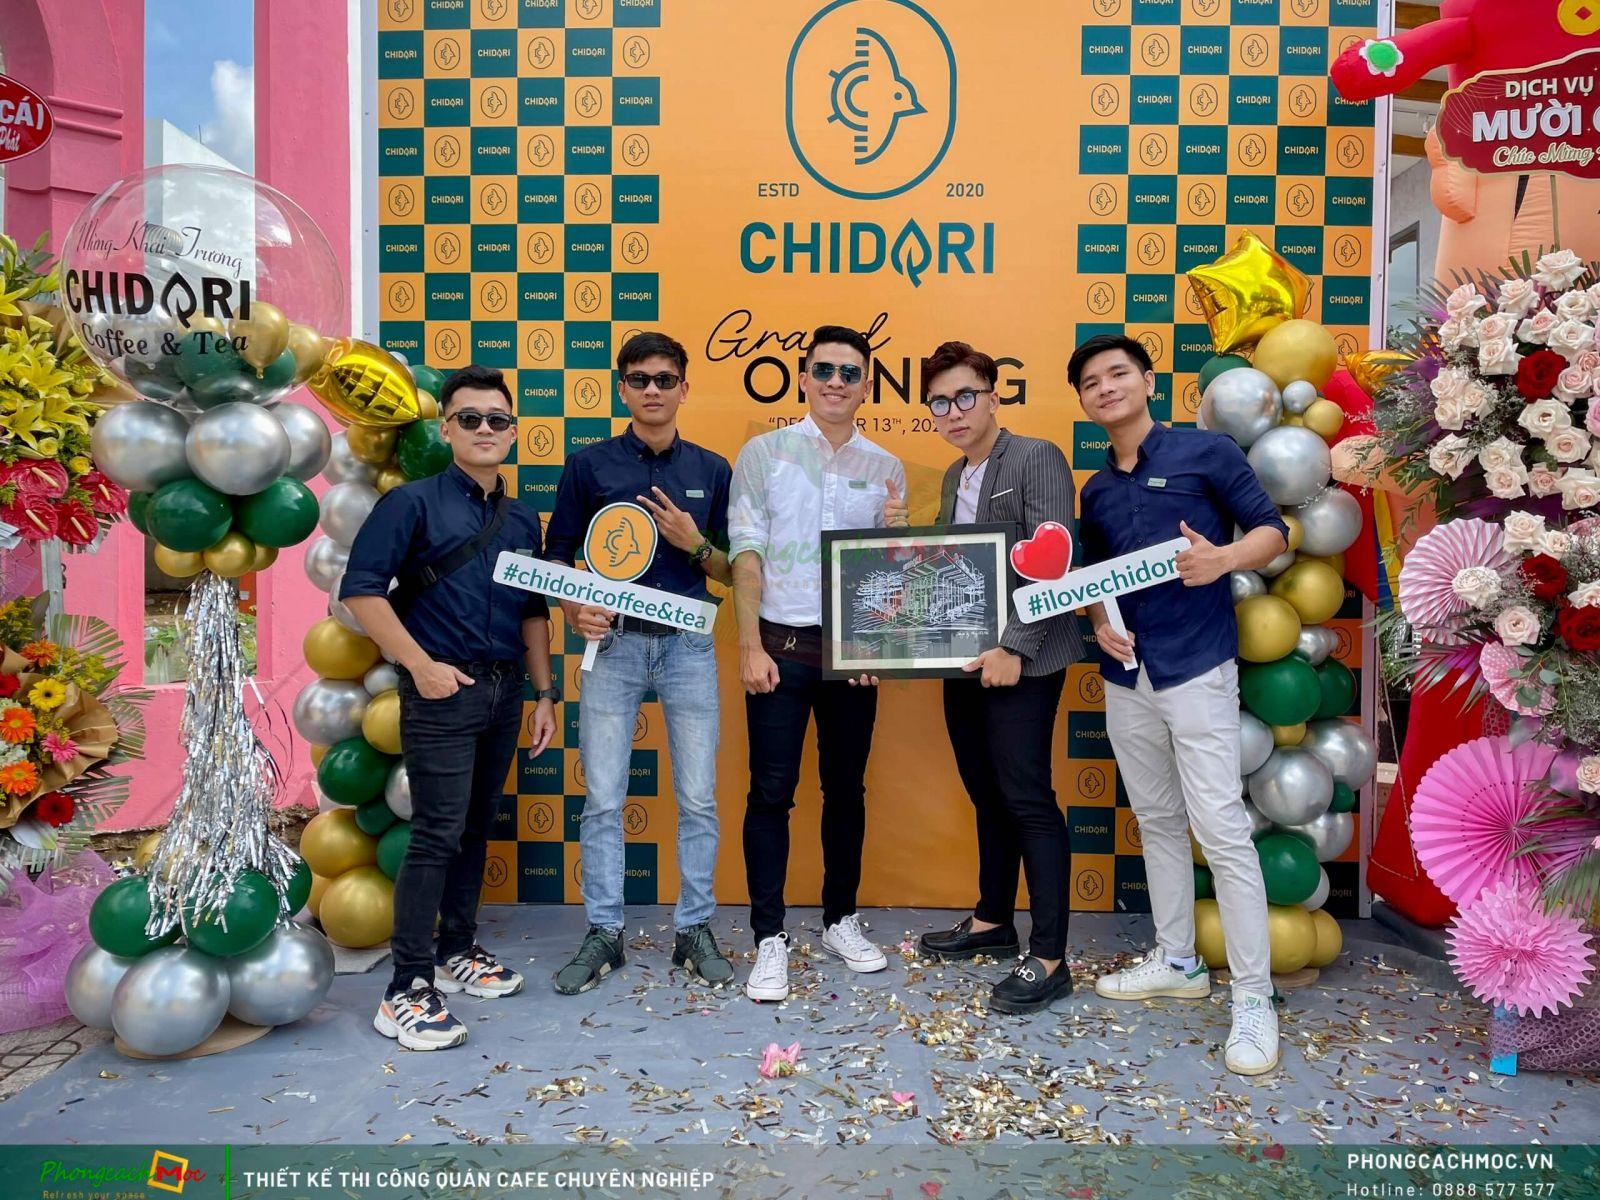 Đội ngũ Phong Cách Mộc chúc mừng khai trương Chidori Coffee & Tea